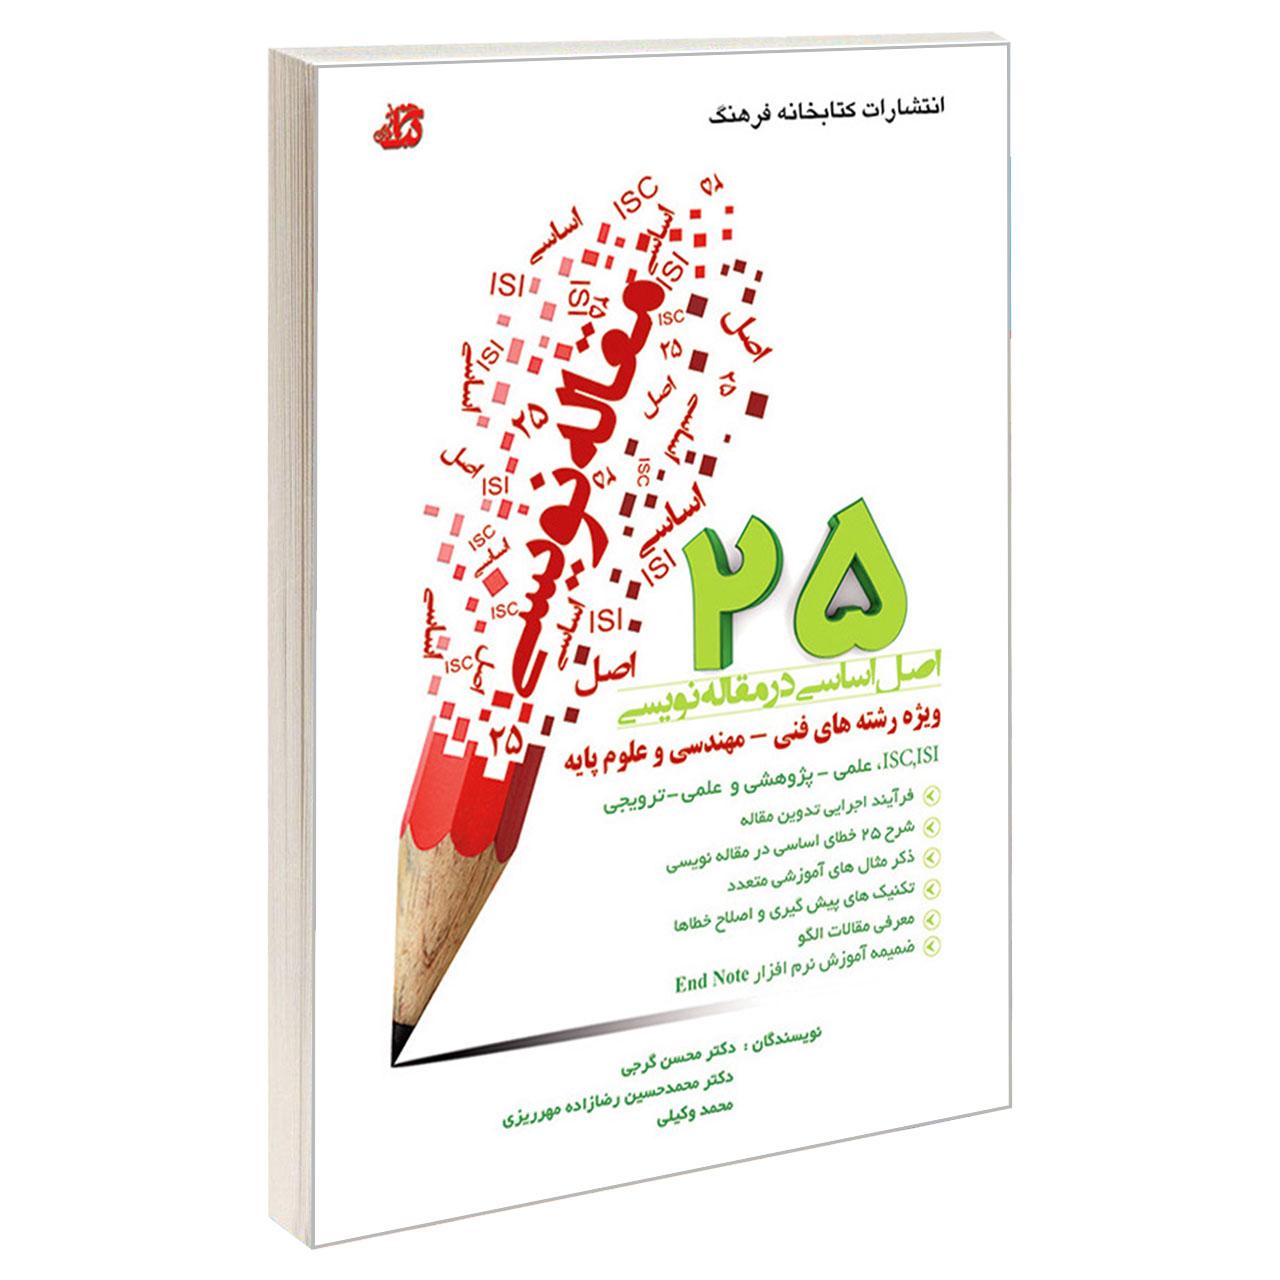 خرید                      کتاب 25 اصل اساسی در مقاله نویسی ویژه رشته های فنی-مهندسی و علوم پایه اثر جمعی از نویسندگان نشر کتابخانه فرهنگ